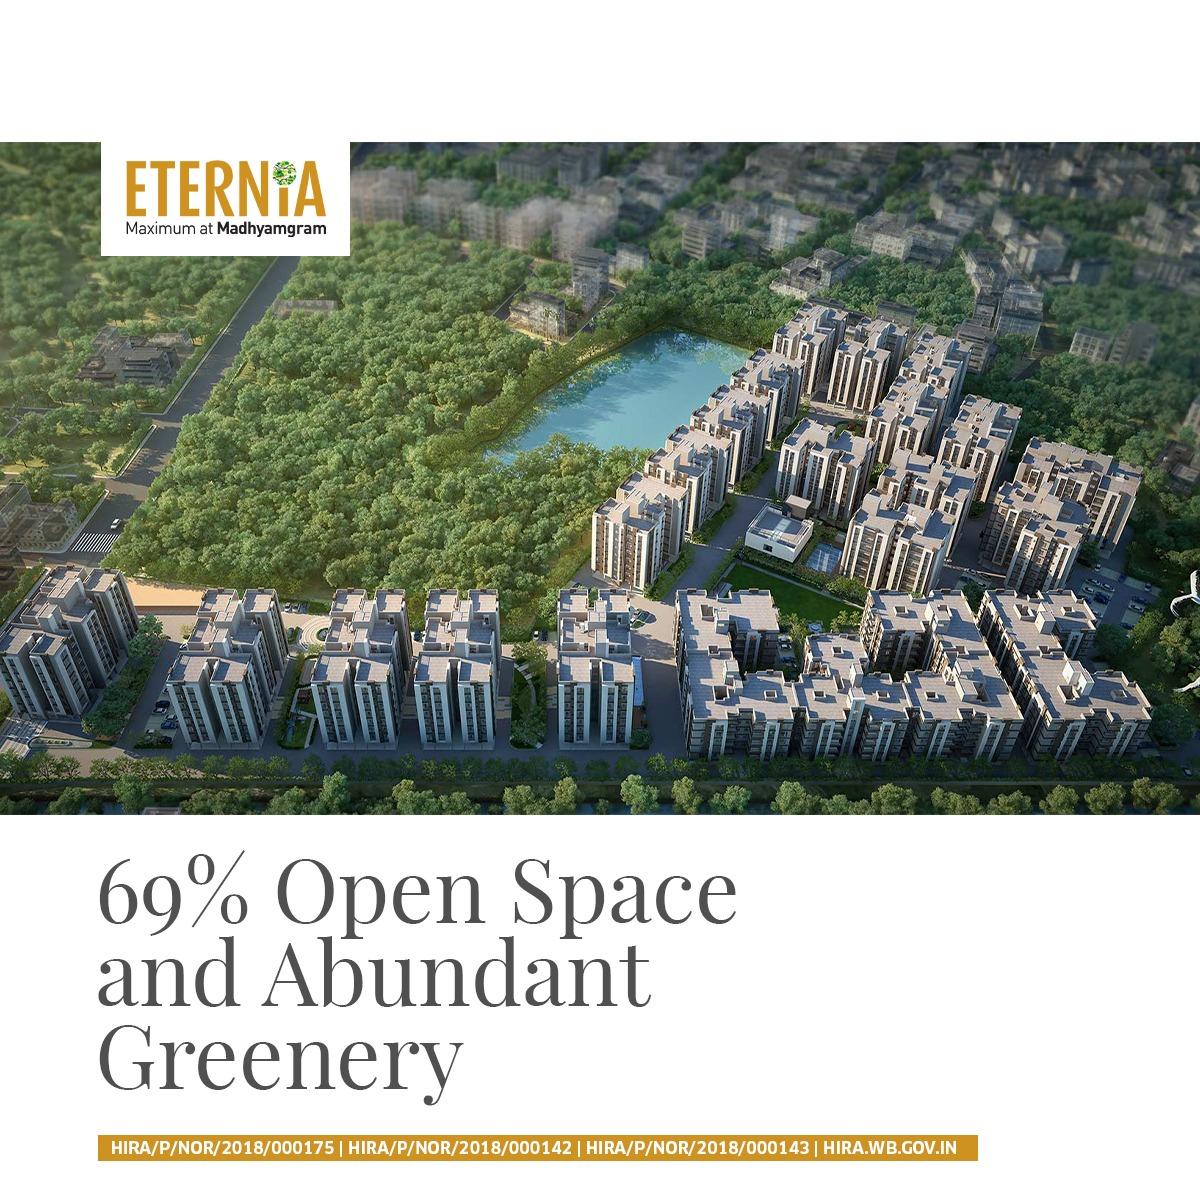 eternia 1